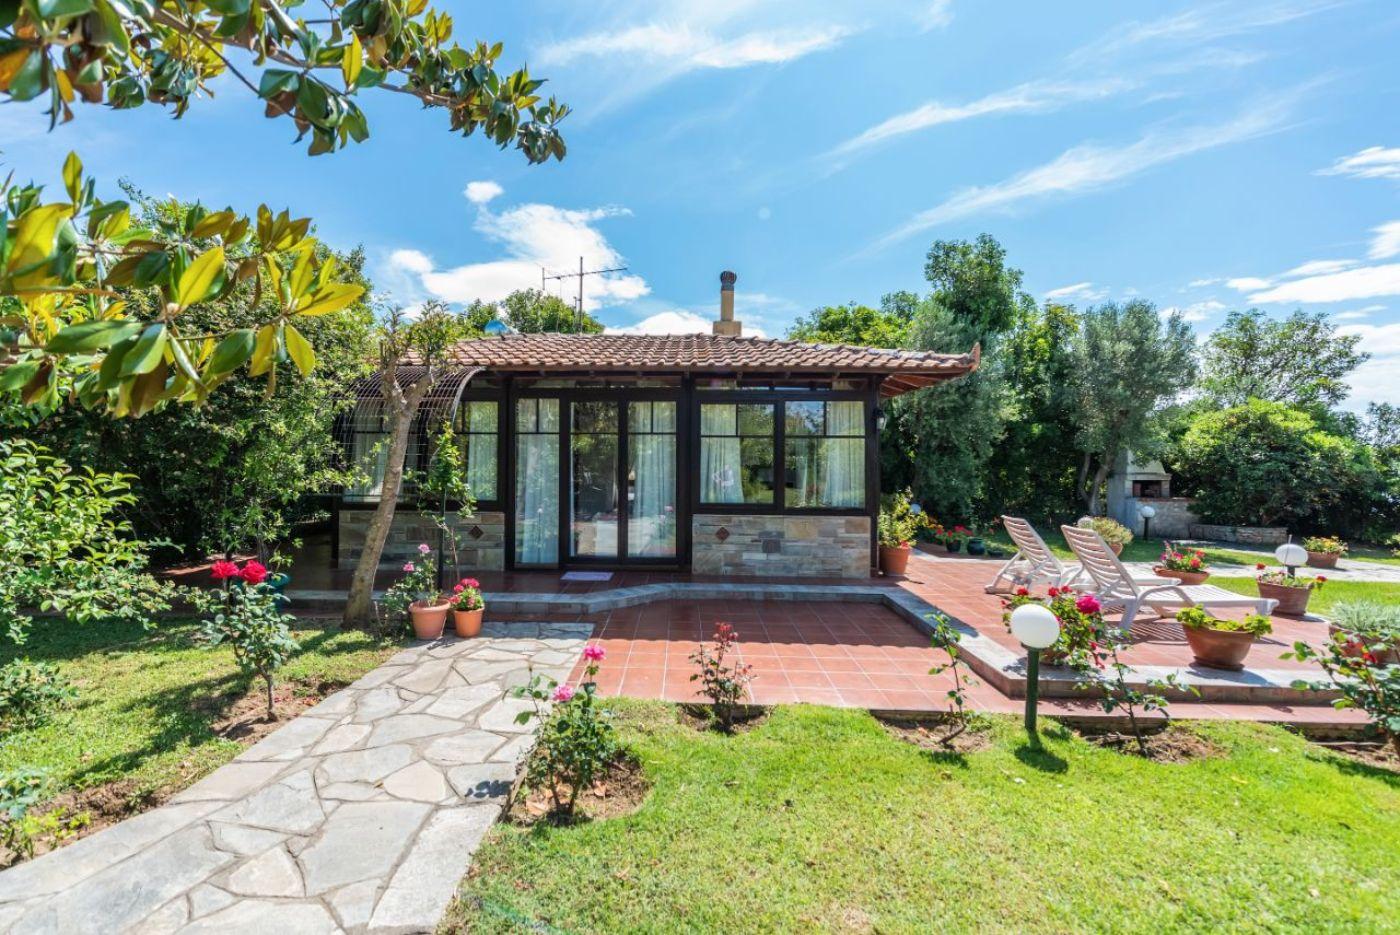 Maria Cabin, Terrace and Garden